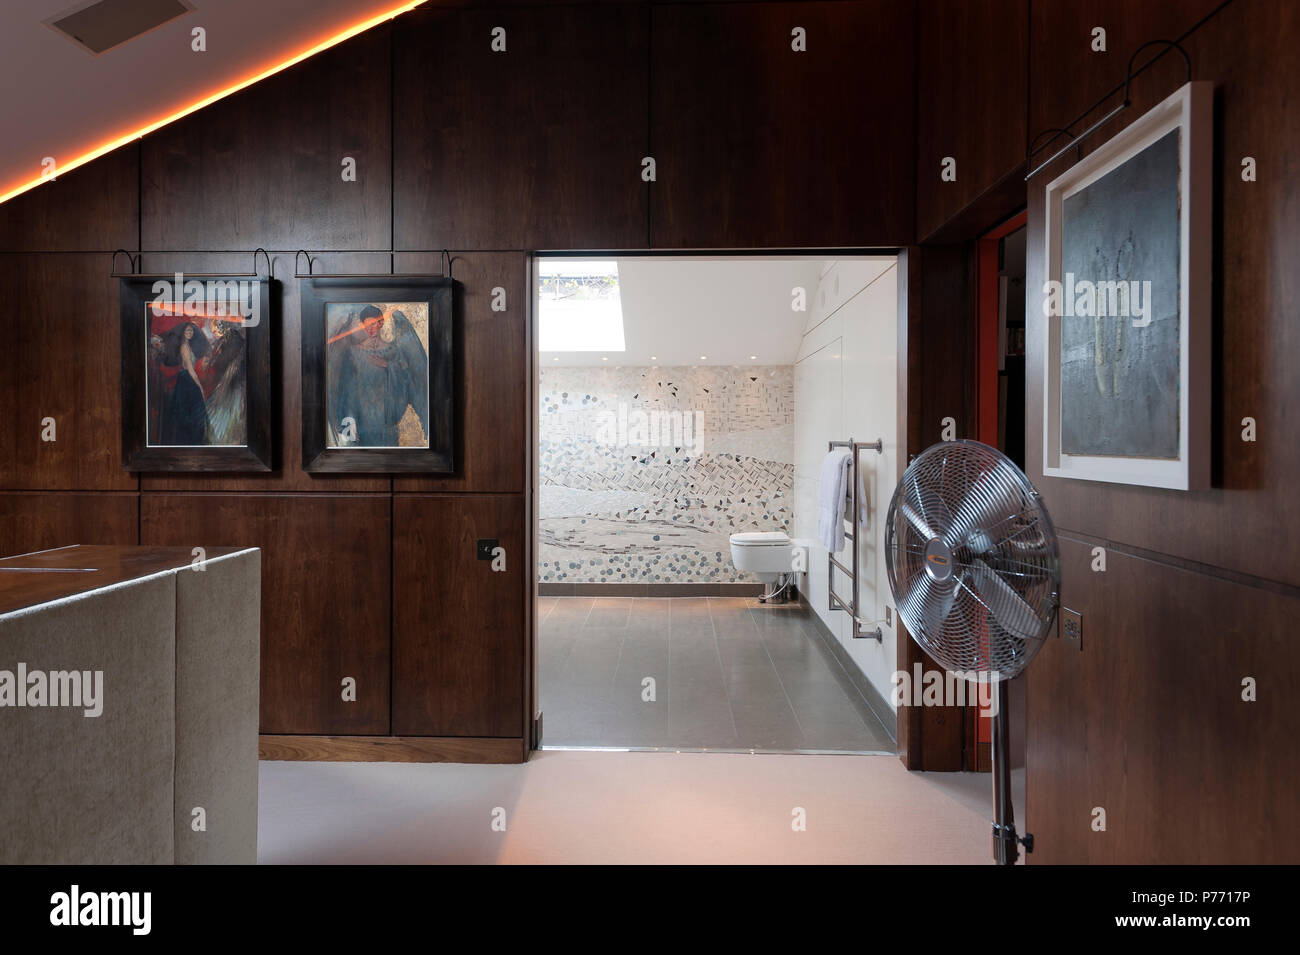 Camere Da Letto Maschili : Ventilatore in camera da letto maschile da bagno foto immagine